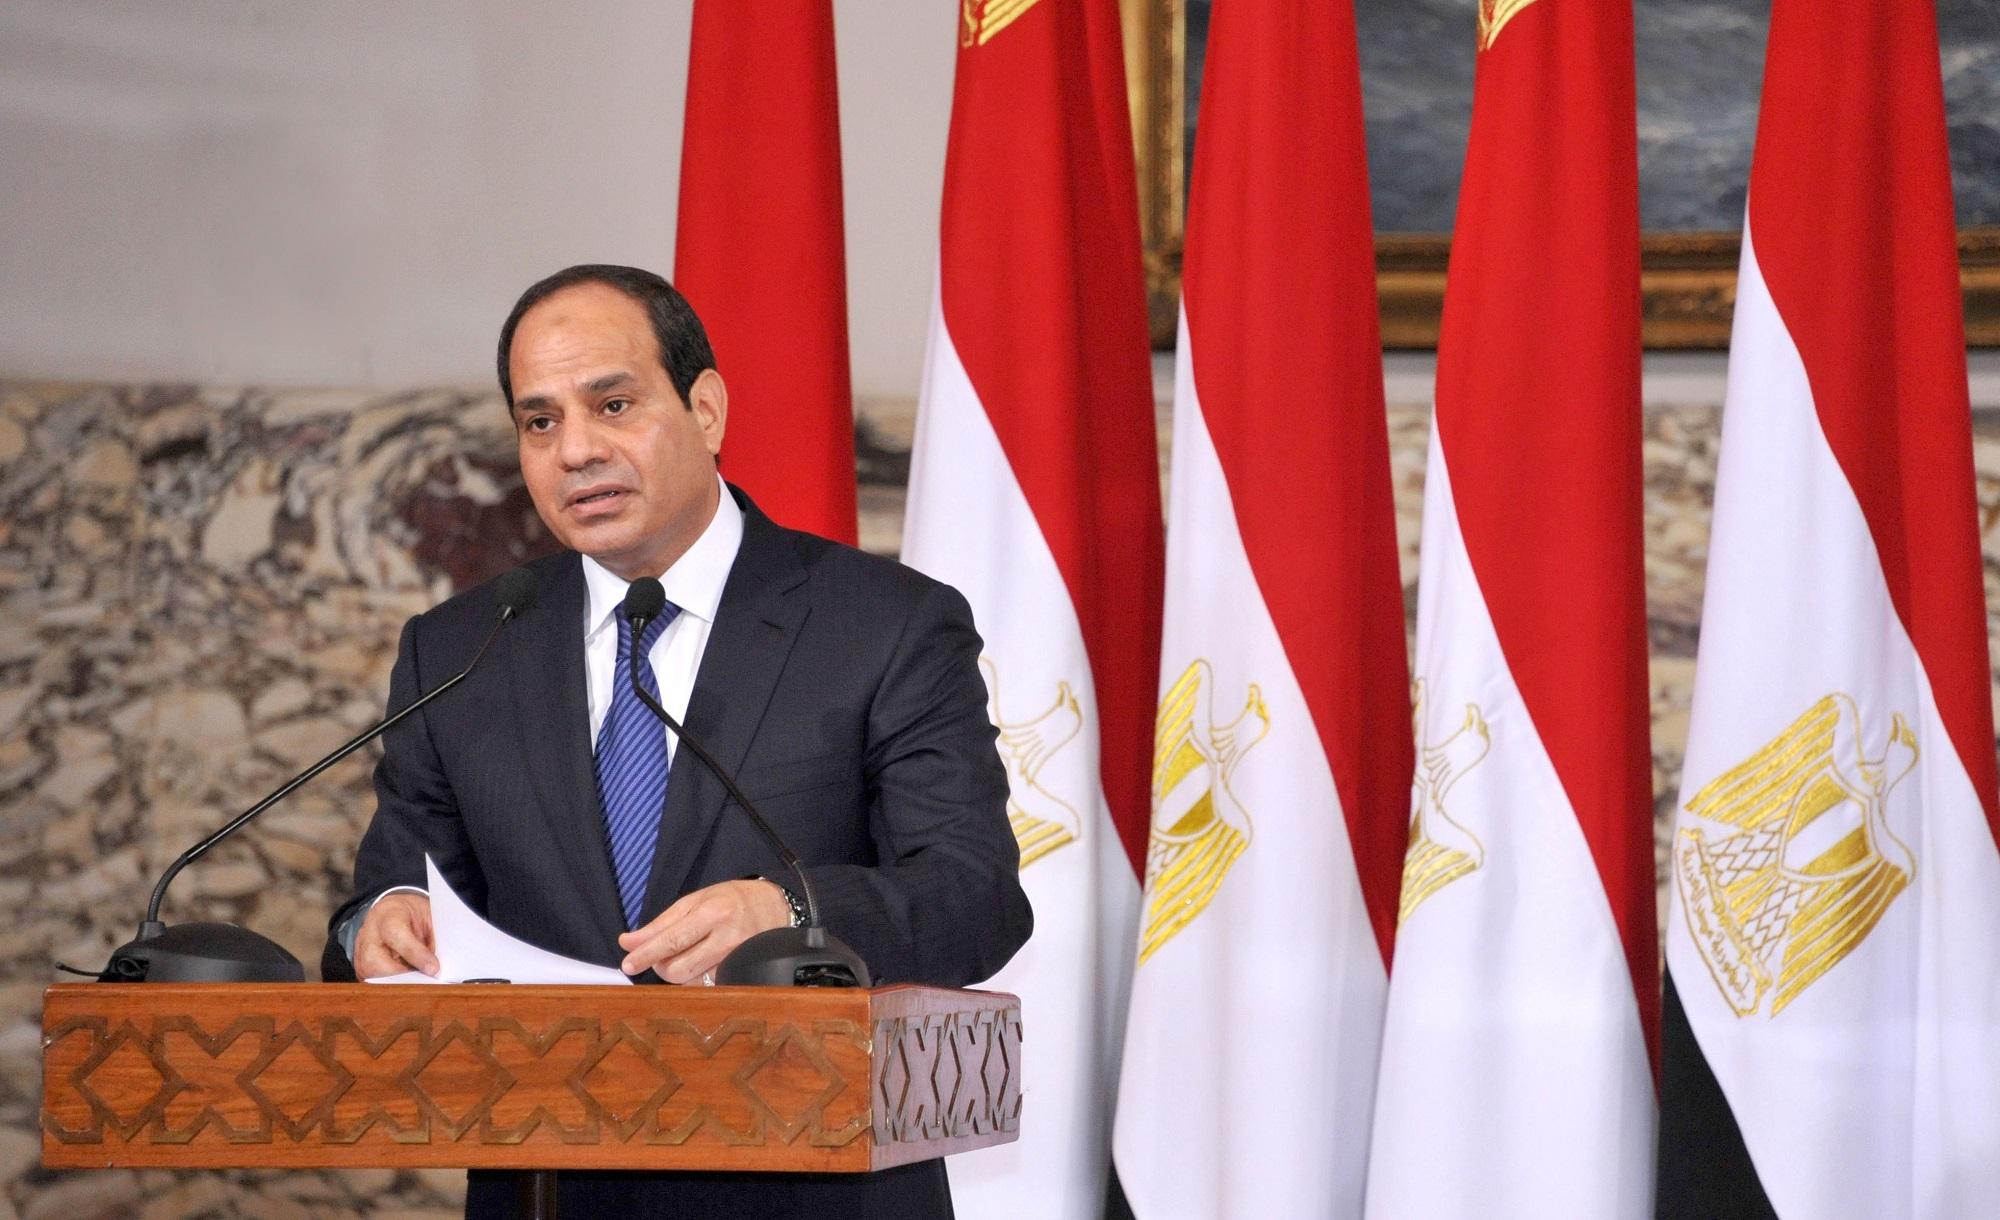 شكري يوضح كيف ستتصرف مصر إذا تم ملء سد النهضة